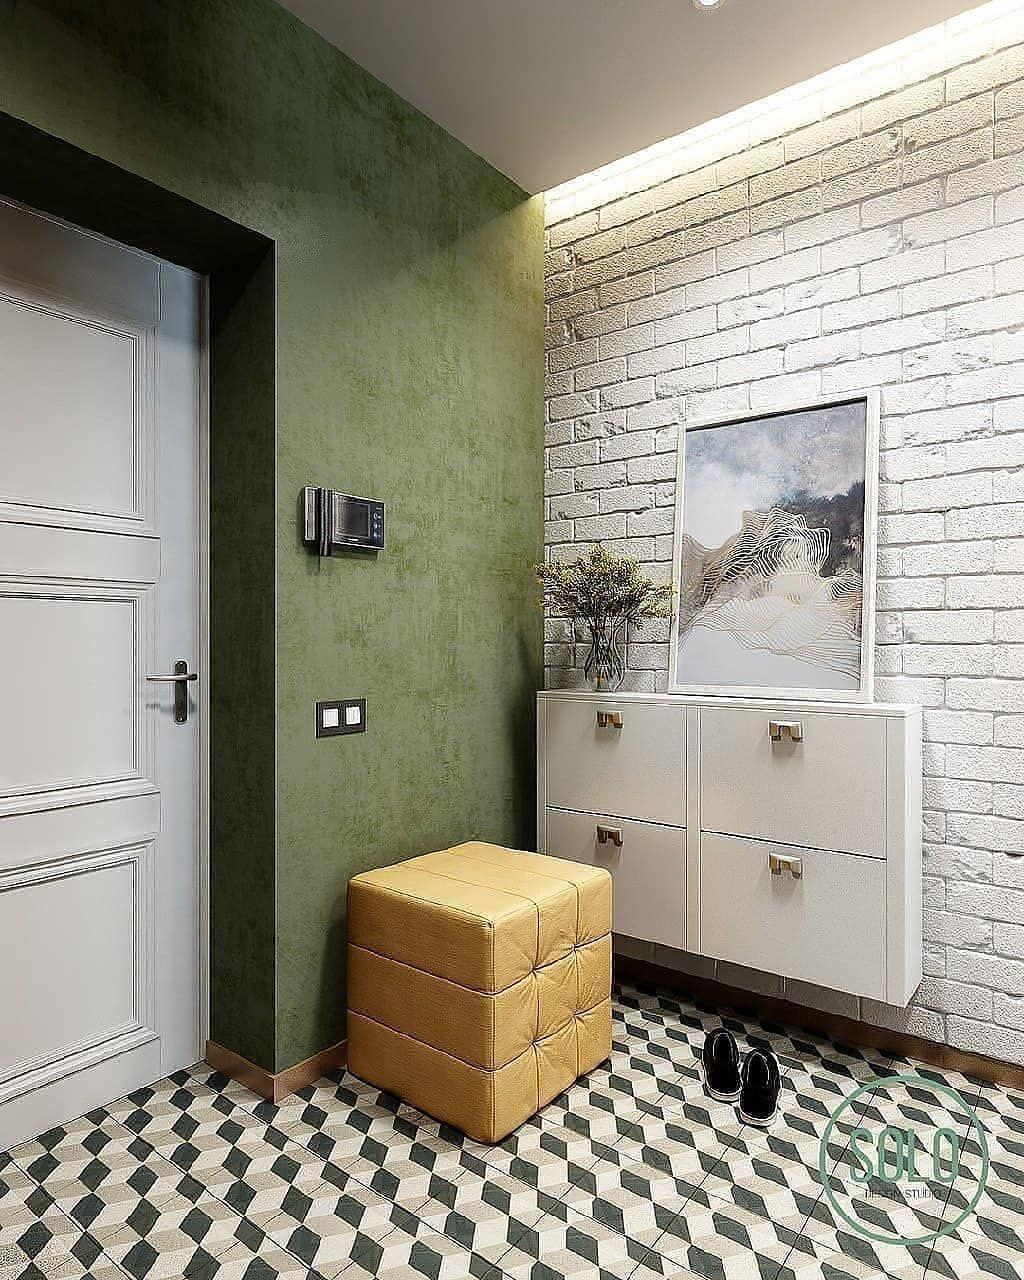 белый кирпичик на стене в холле фото масло очень